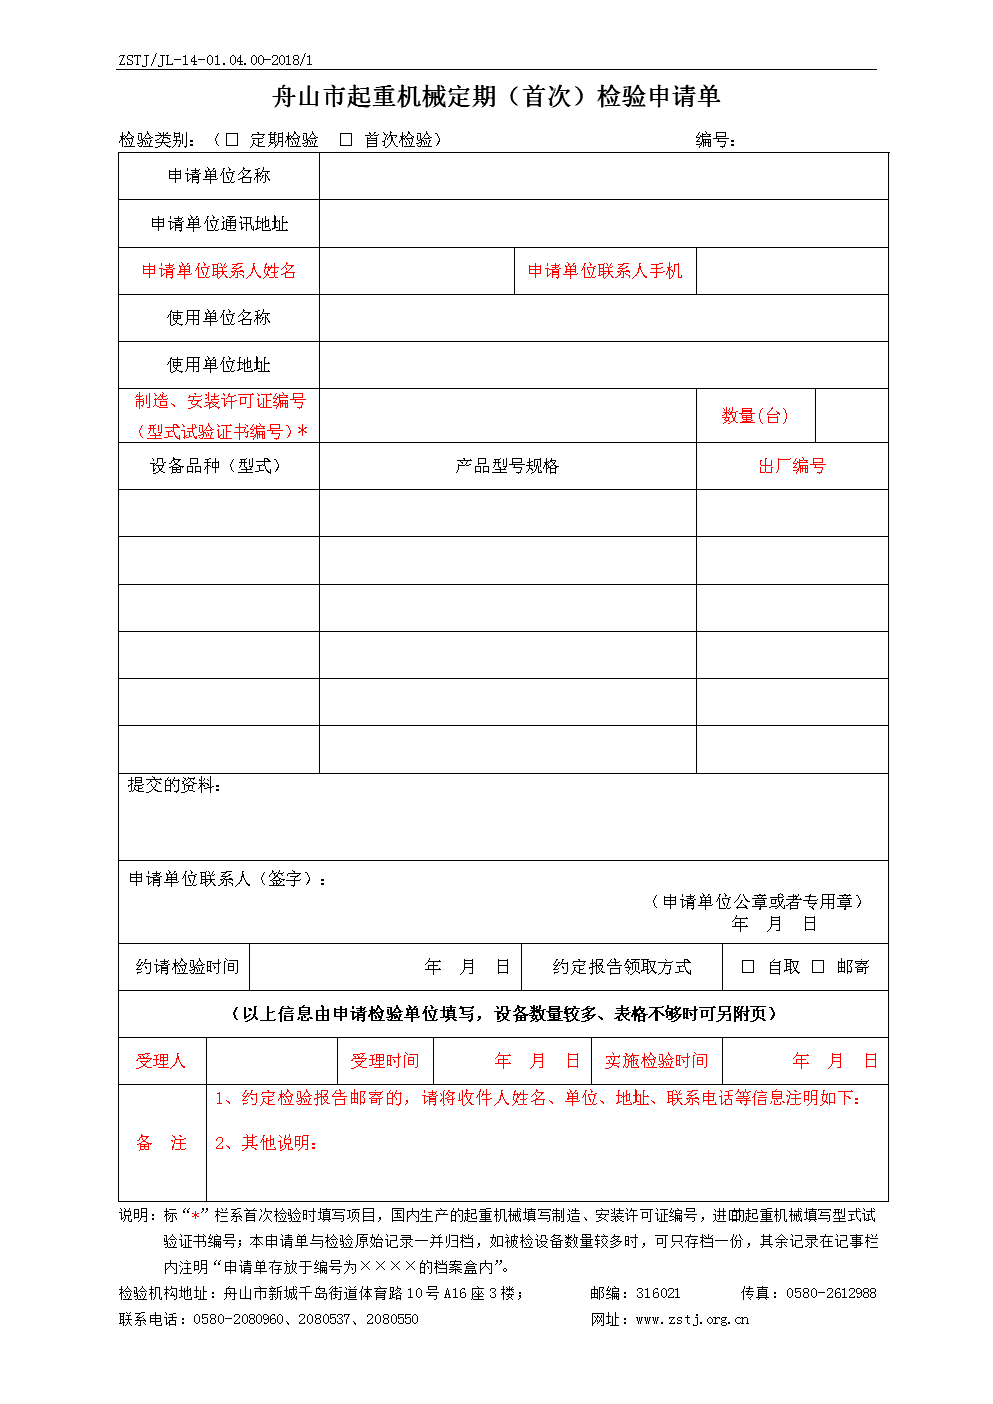 舟山市起重机械定期(首次)检验申请单.doc